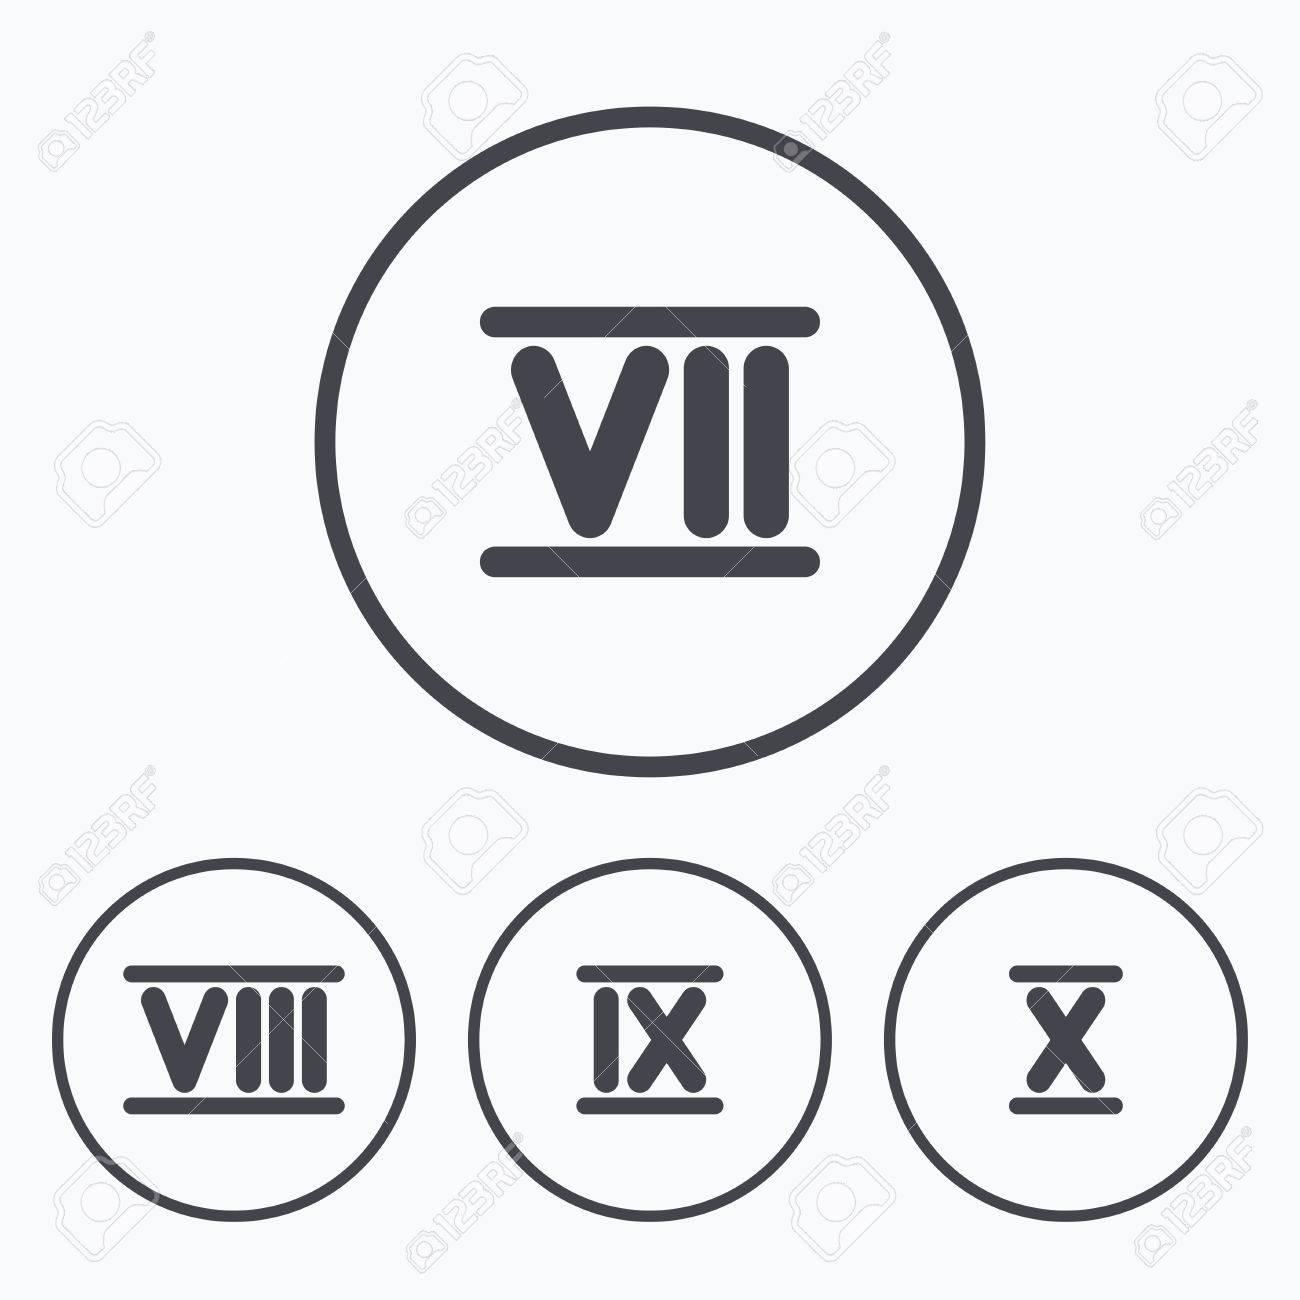 Iconos De Números Romanos 7 8 9 Y 10 Caracteres De Dígitos